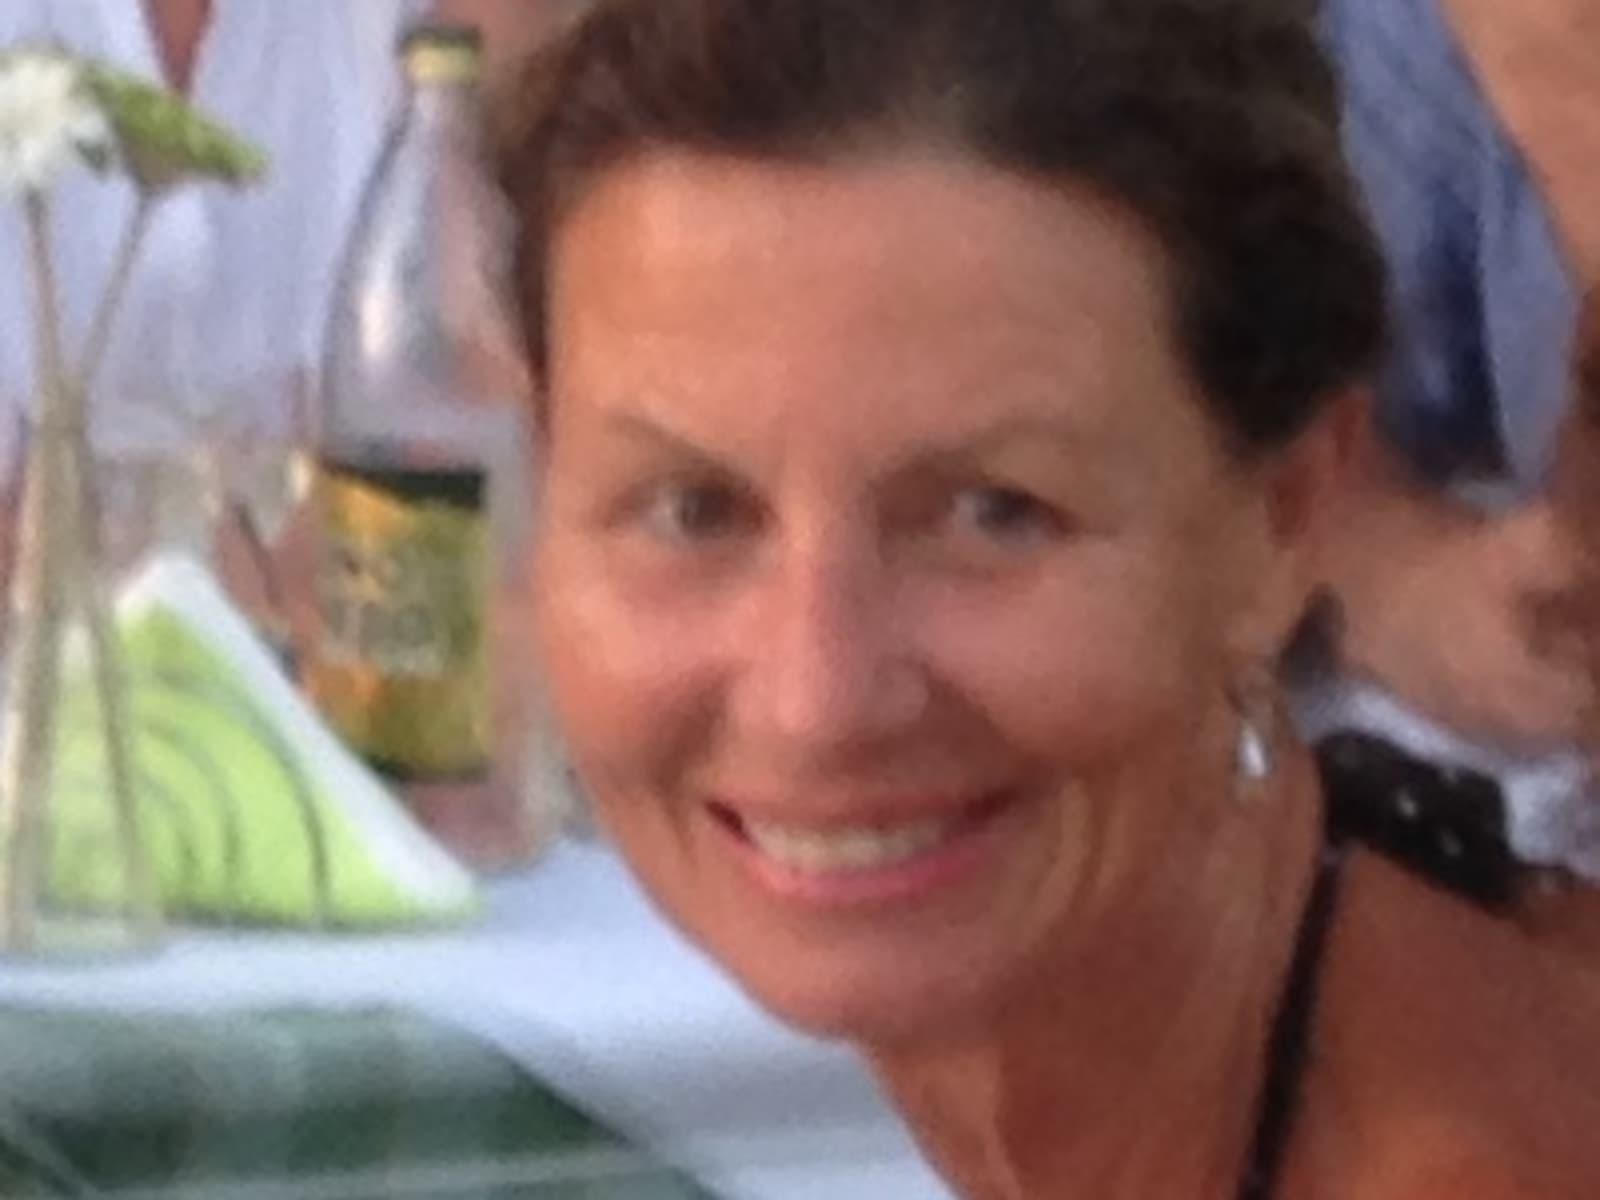 Jane from Queenstown, New Zealand